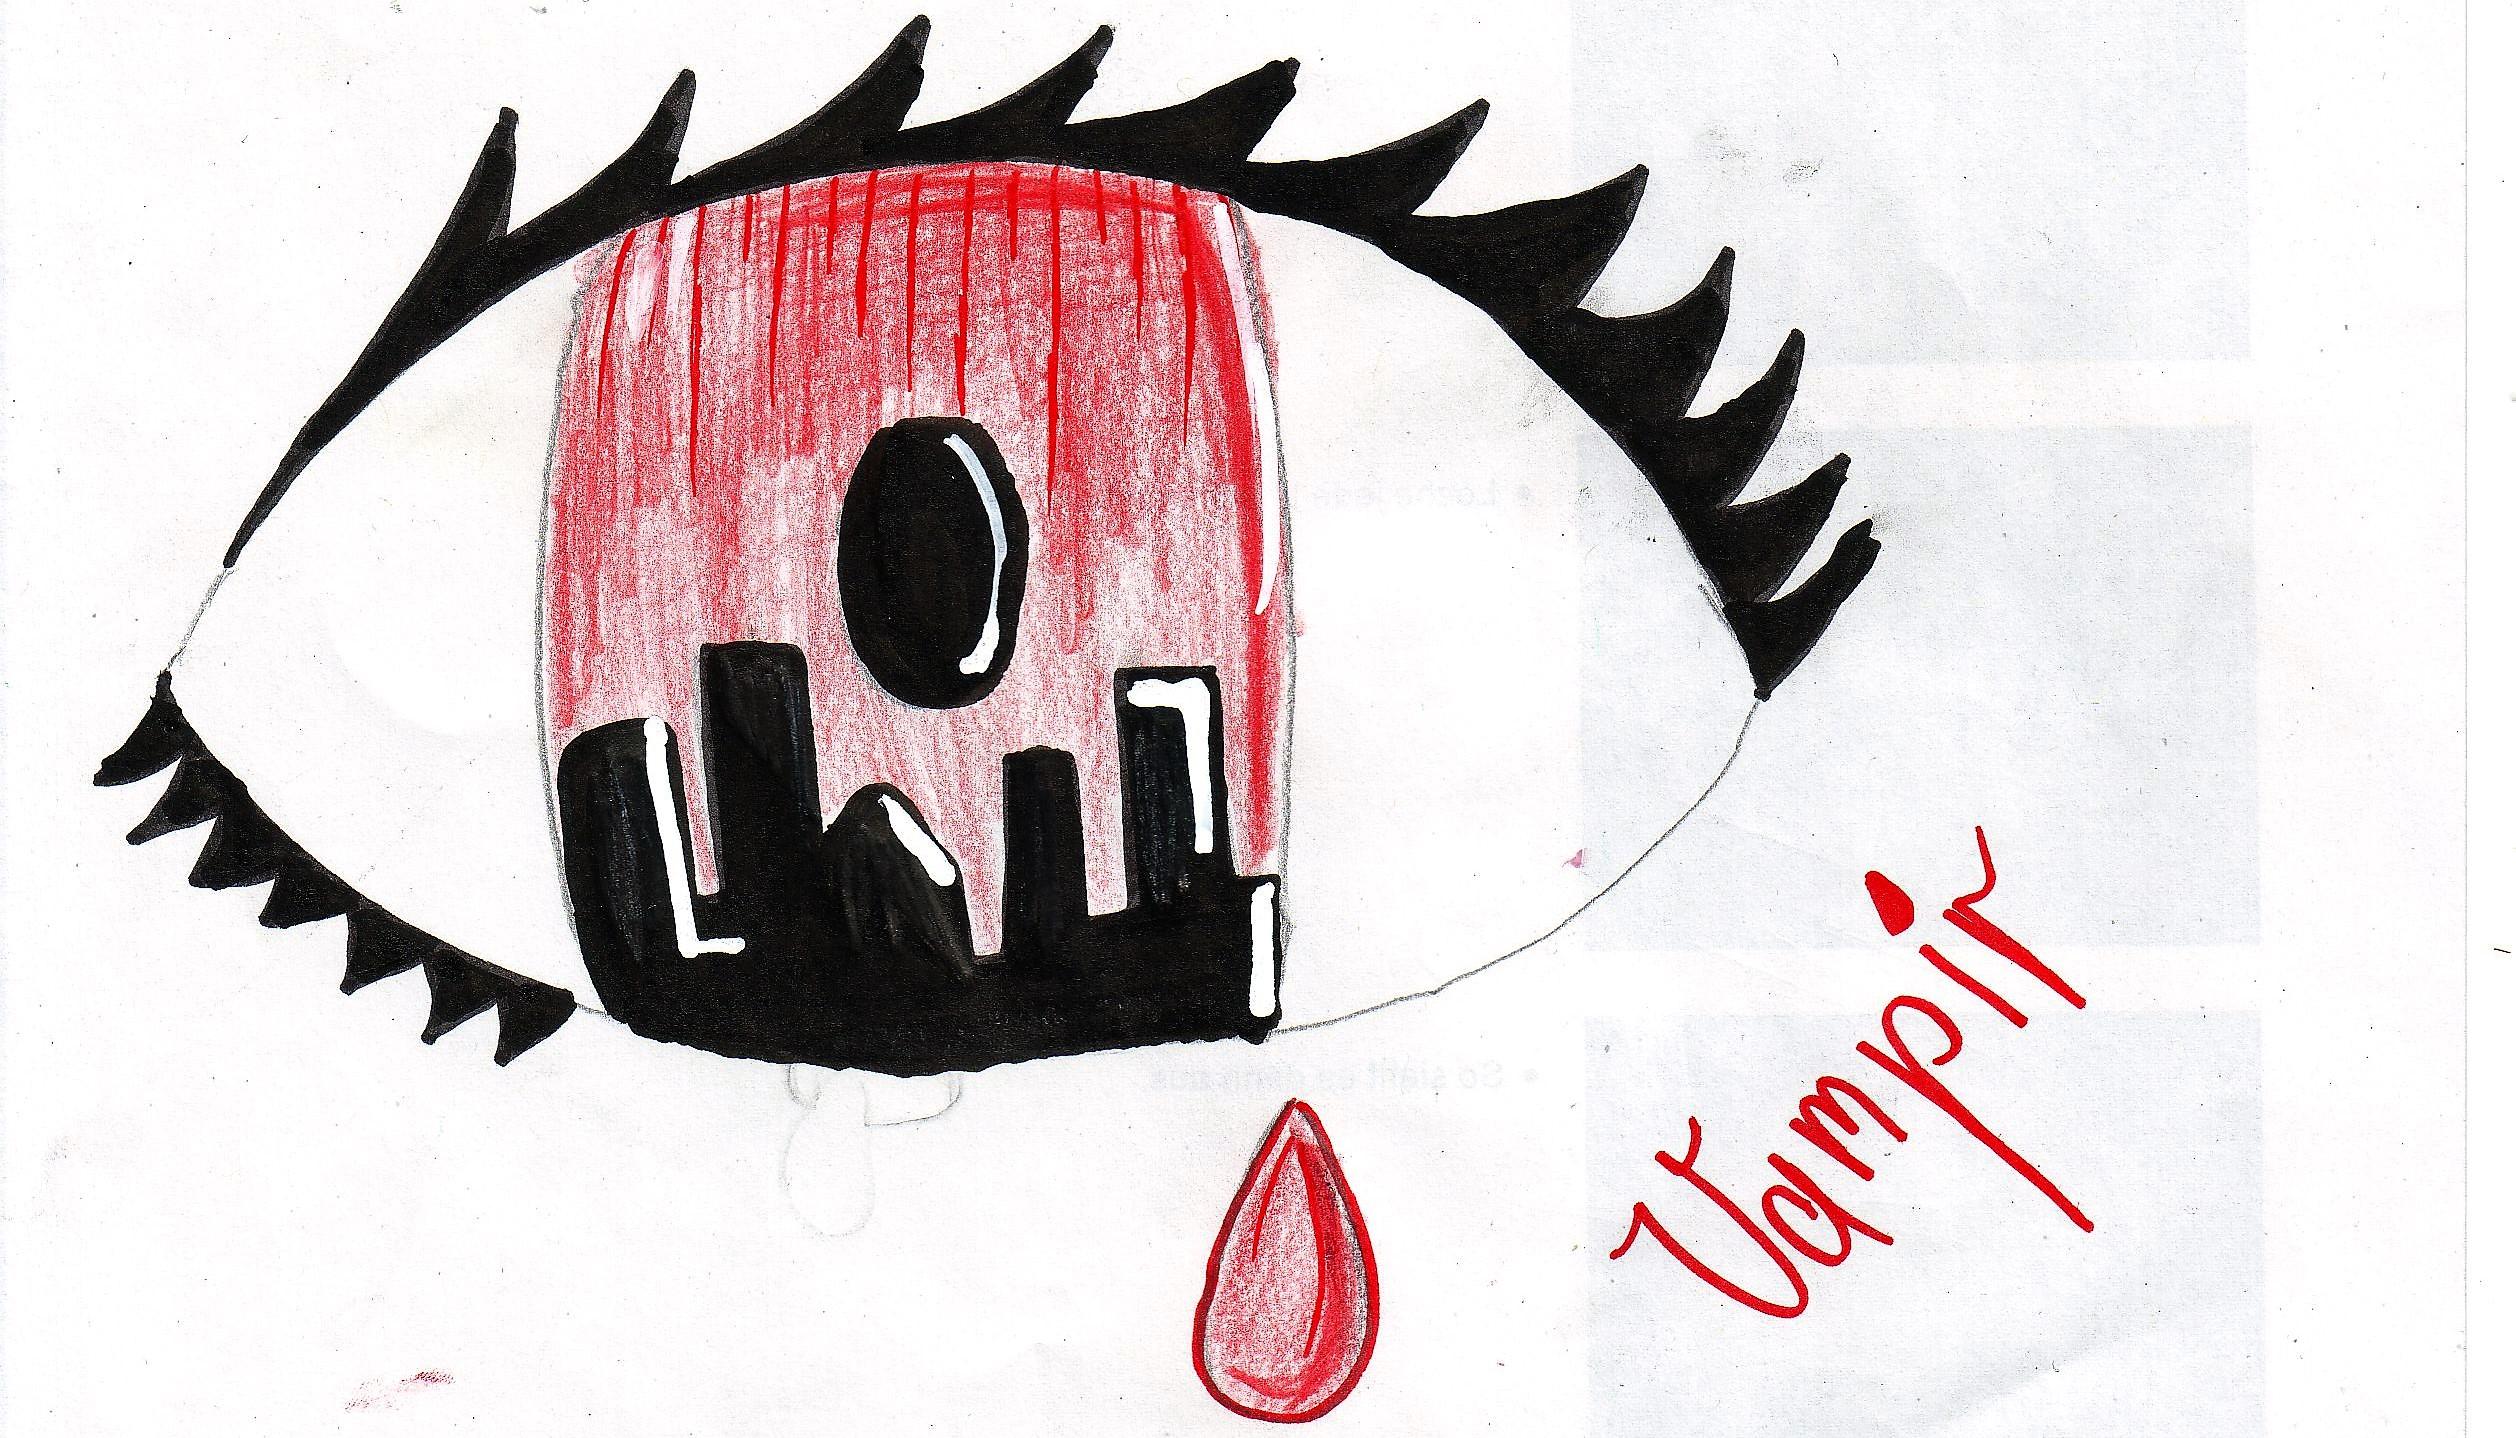 Meine Augen und die Augen von anderen Wesen